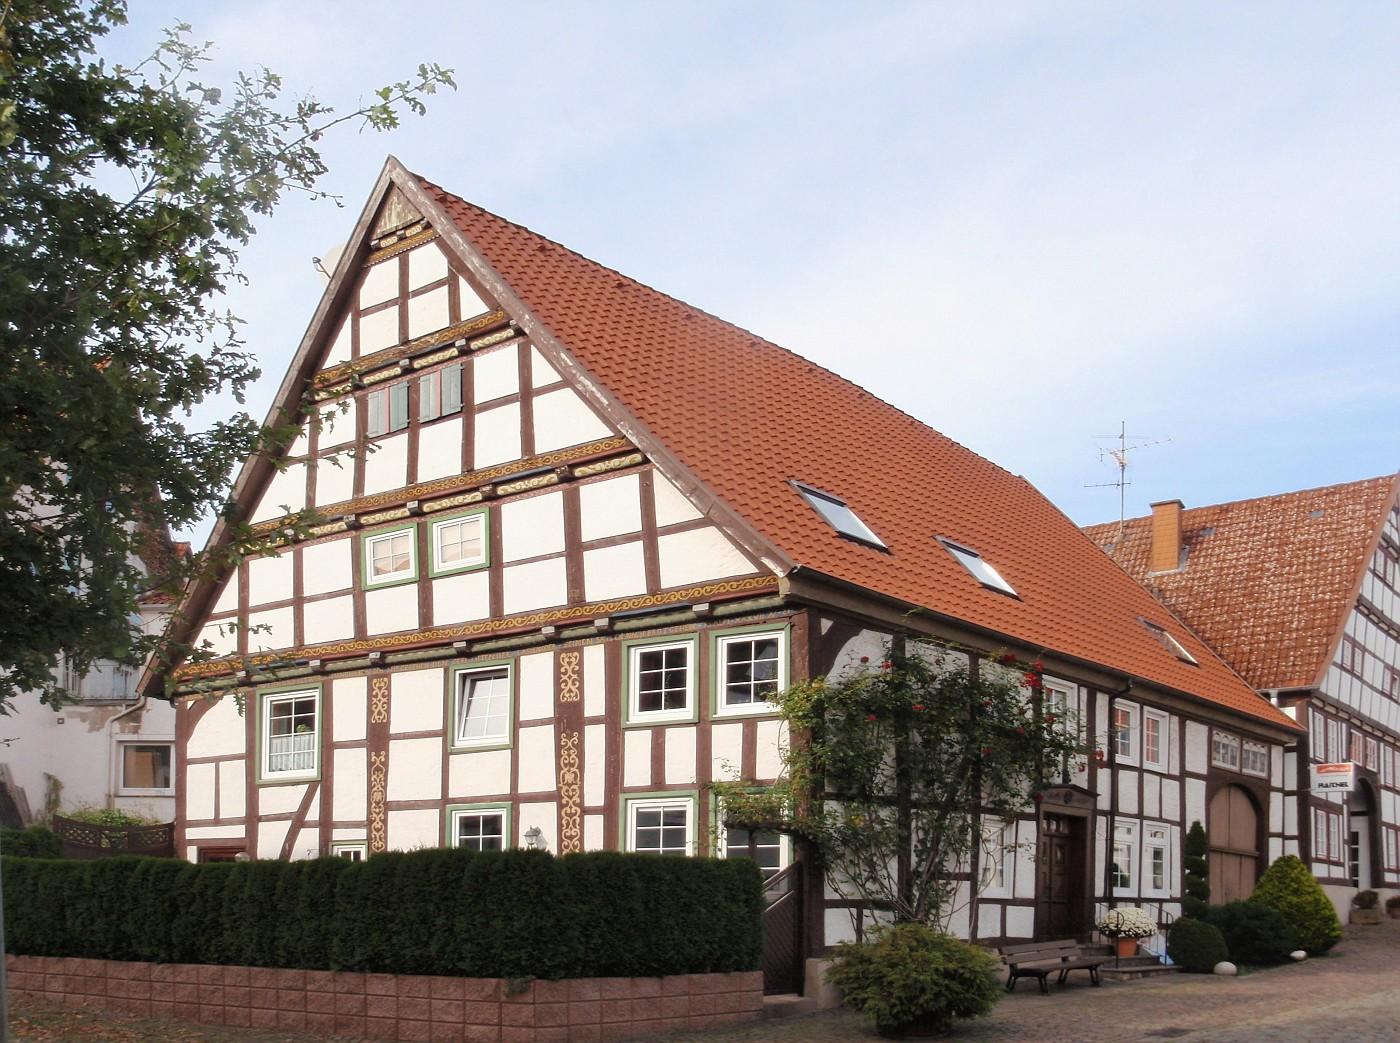 Brinkstraße